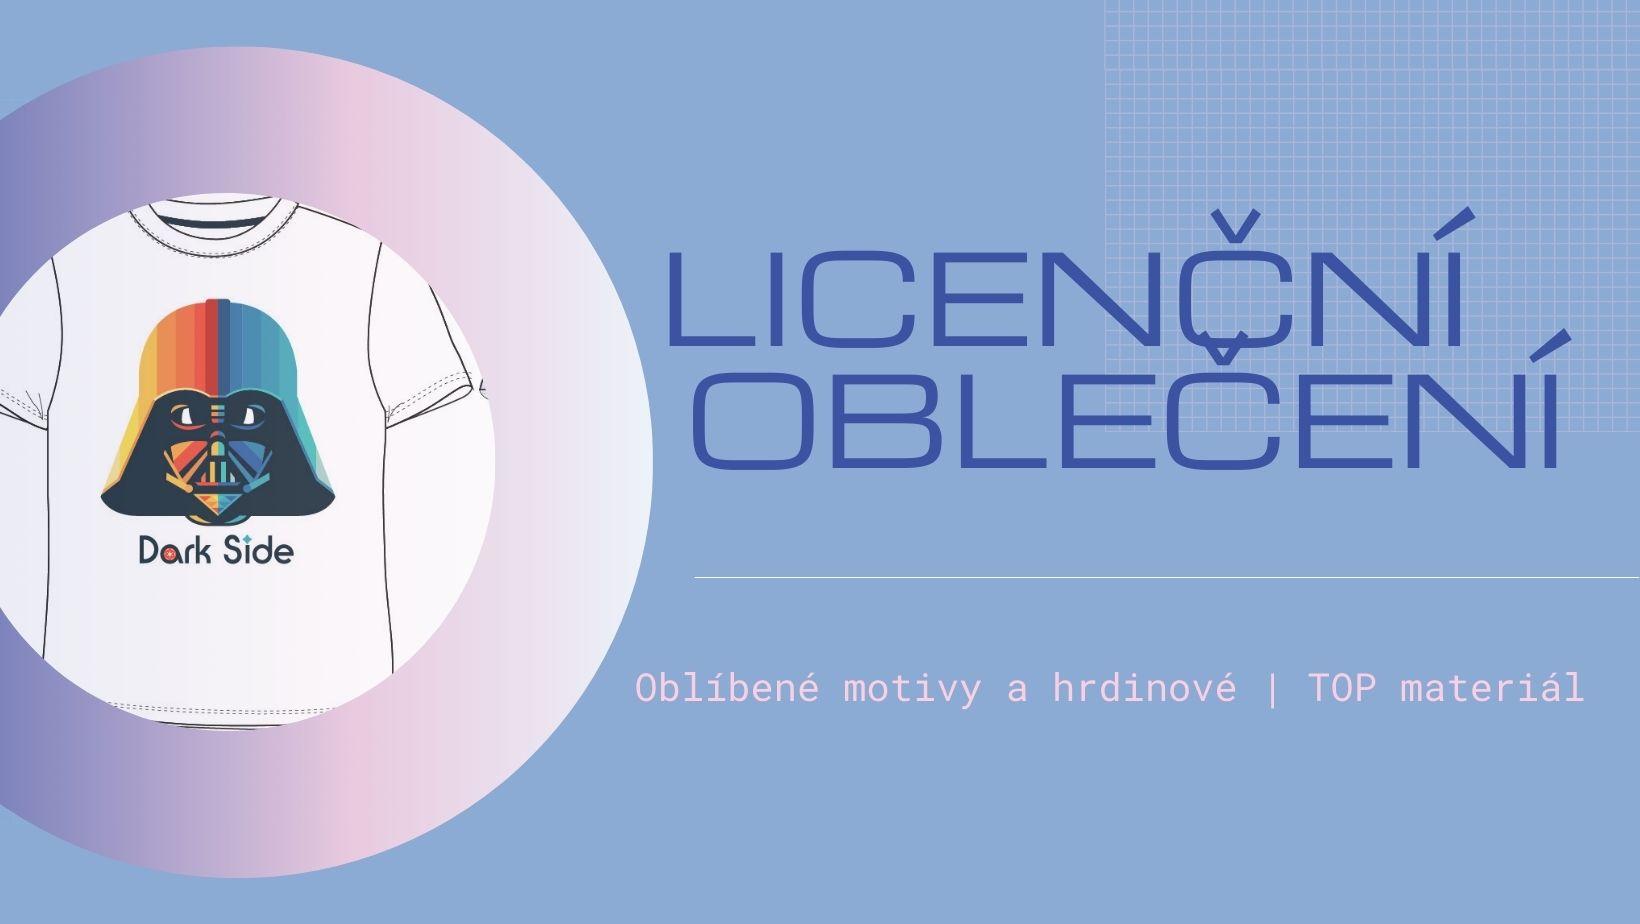 Licenční oblečení, pohádkové motivy, filmoví hrdinové